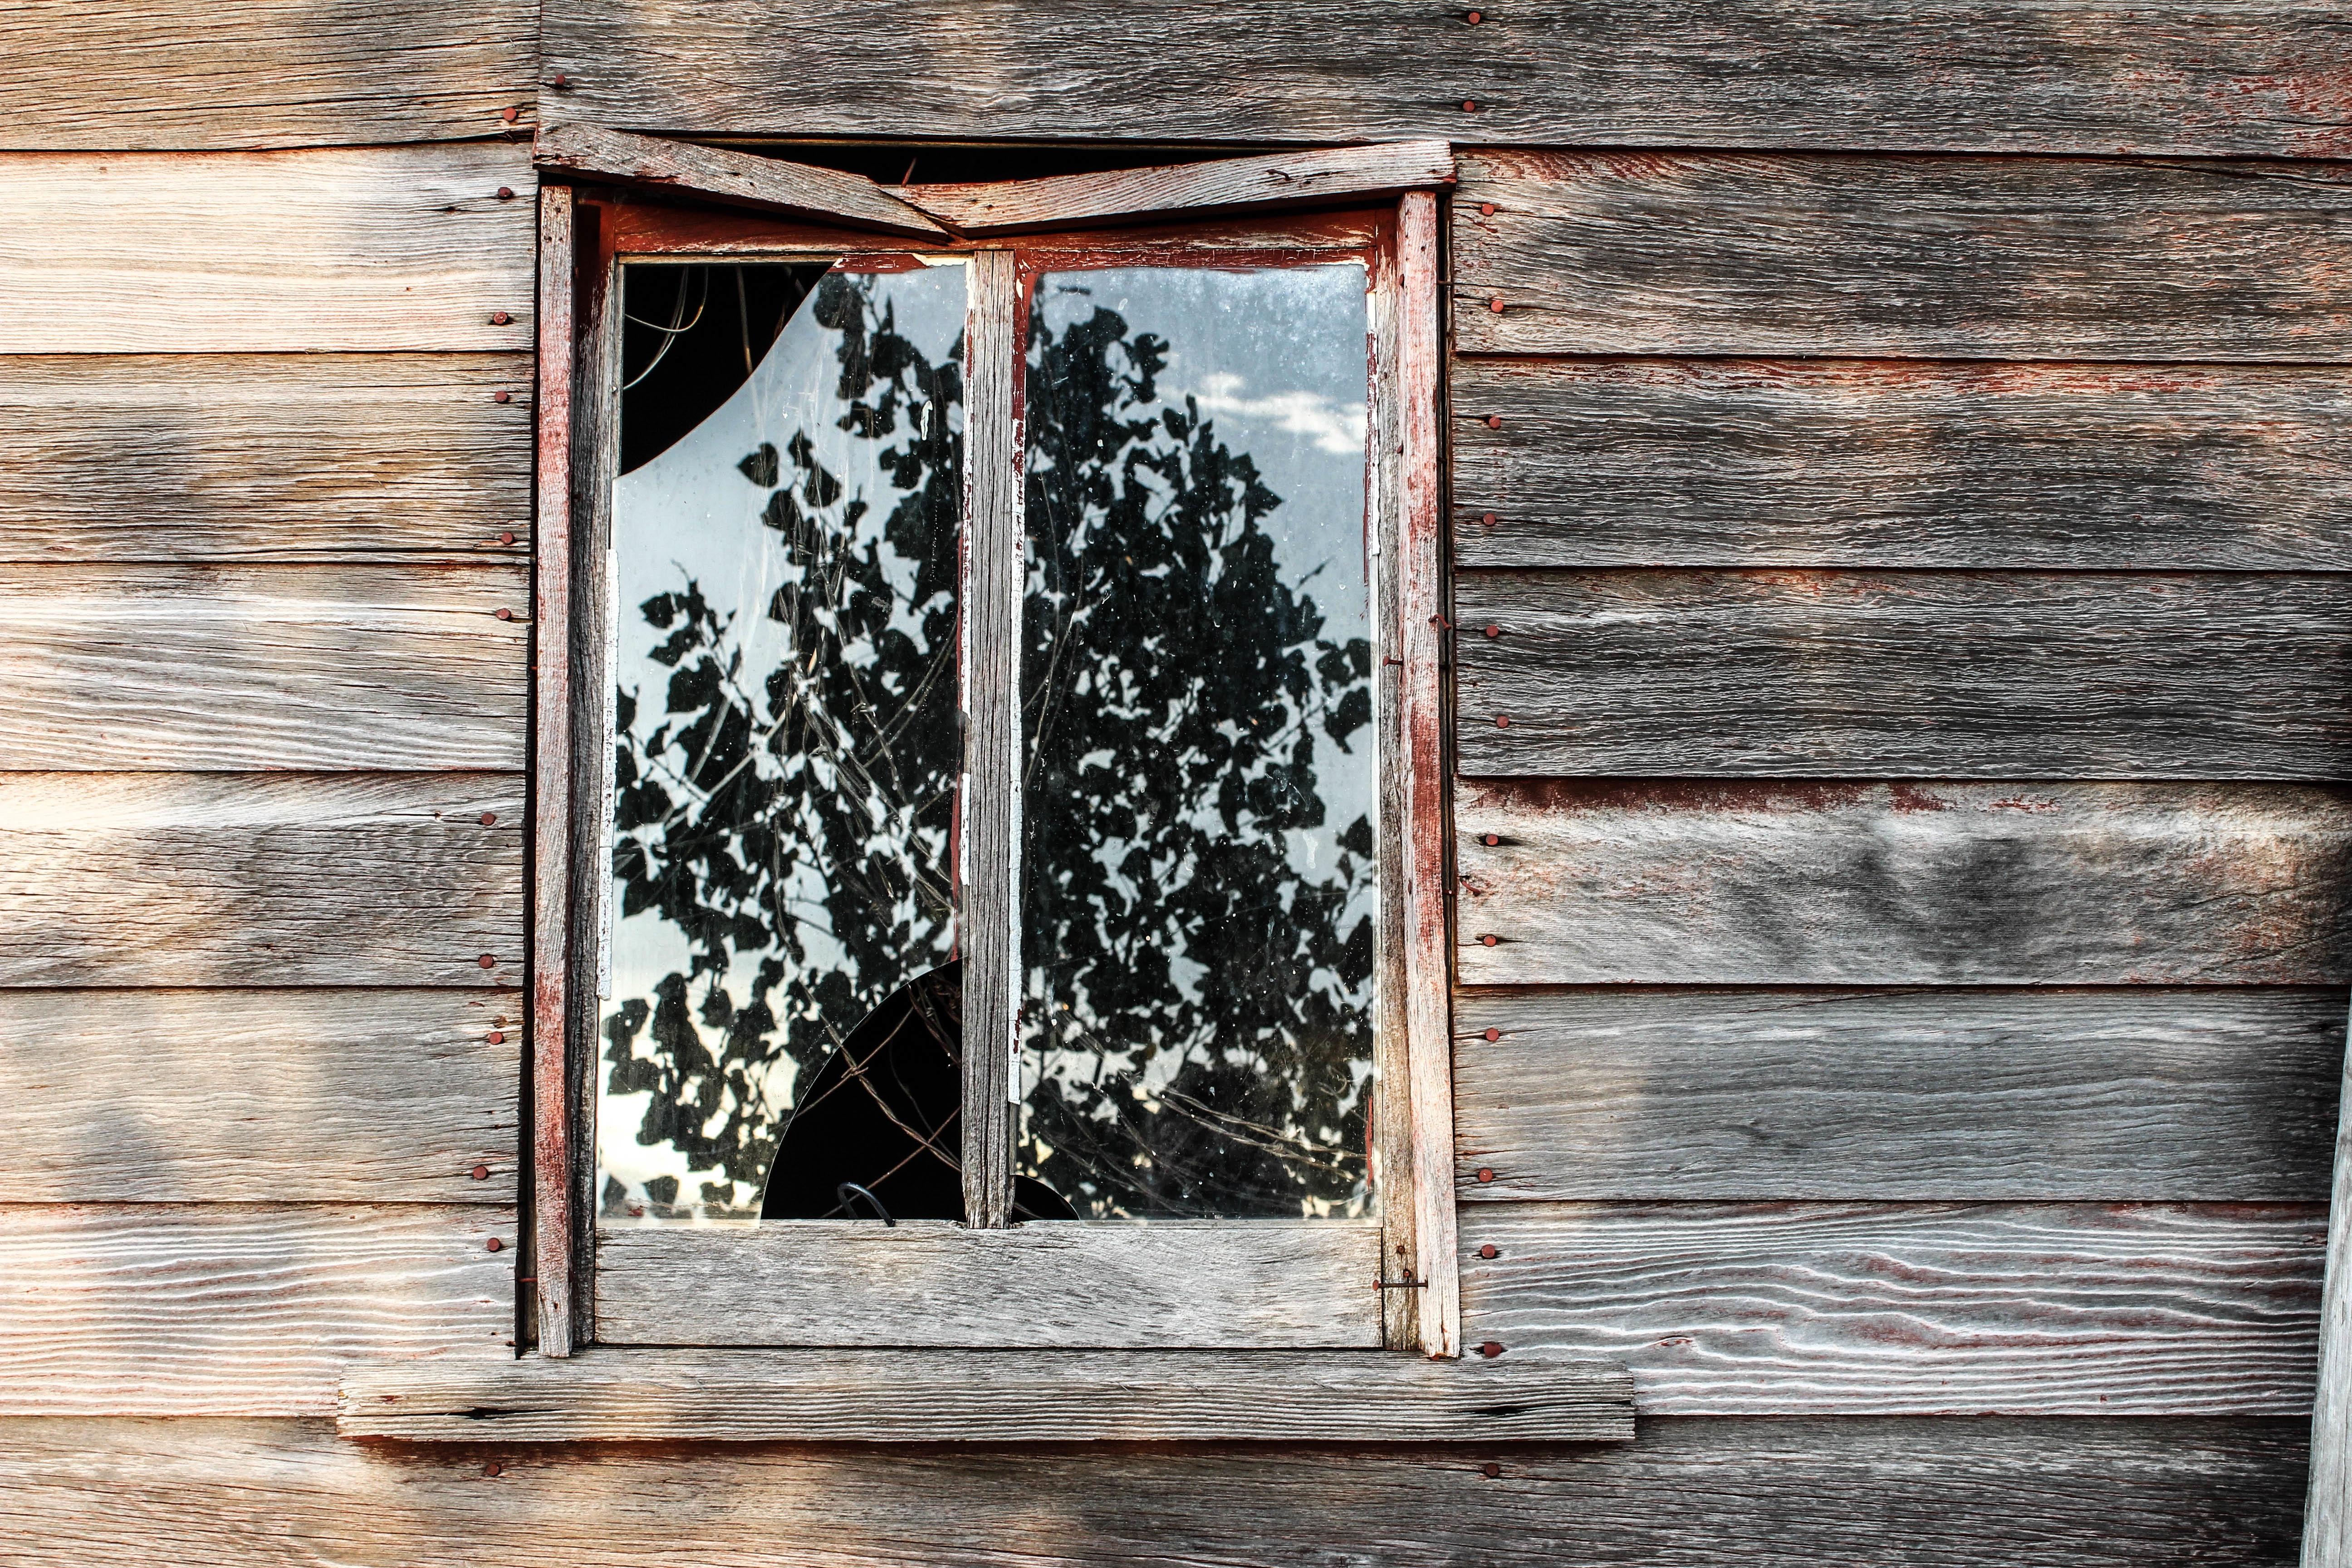 Kostenlose foto : Holz, Fenster, Mauer, Schuppen, Tür, Bilderrahmen ...